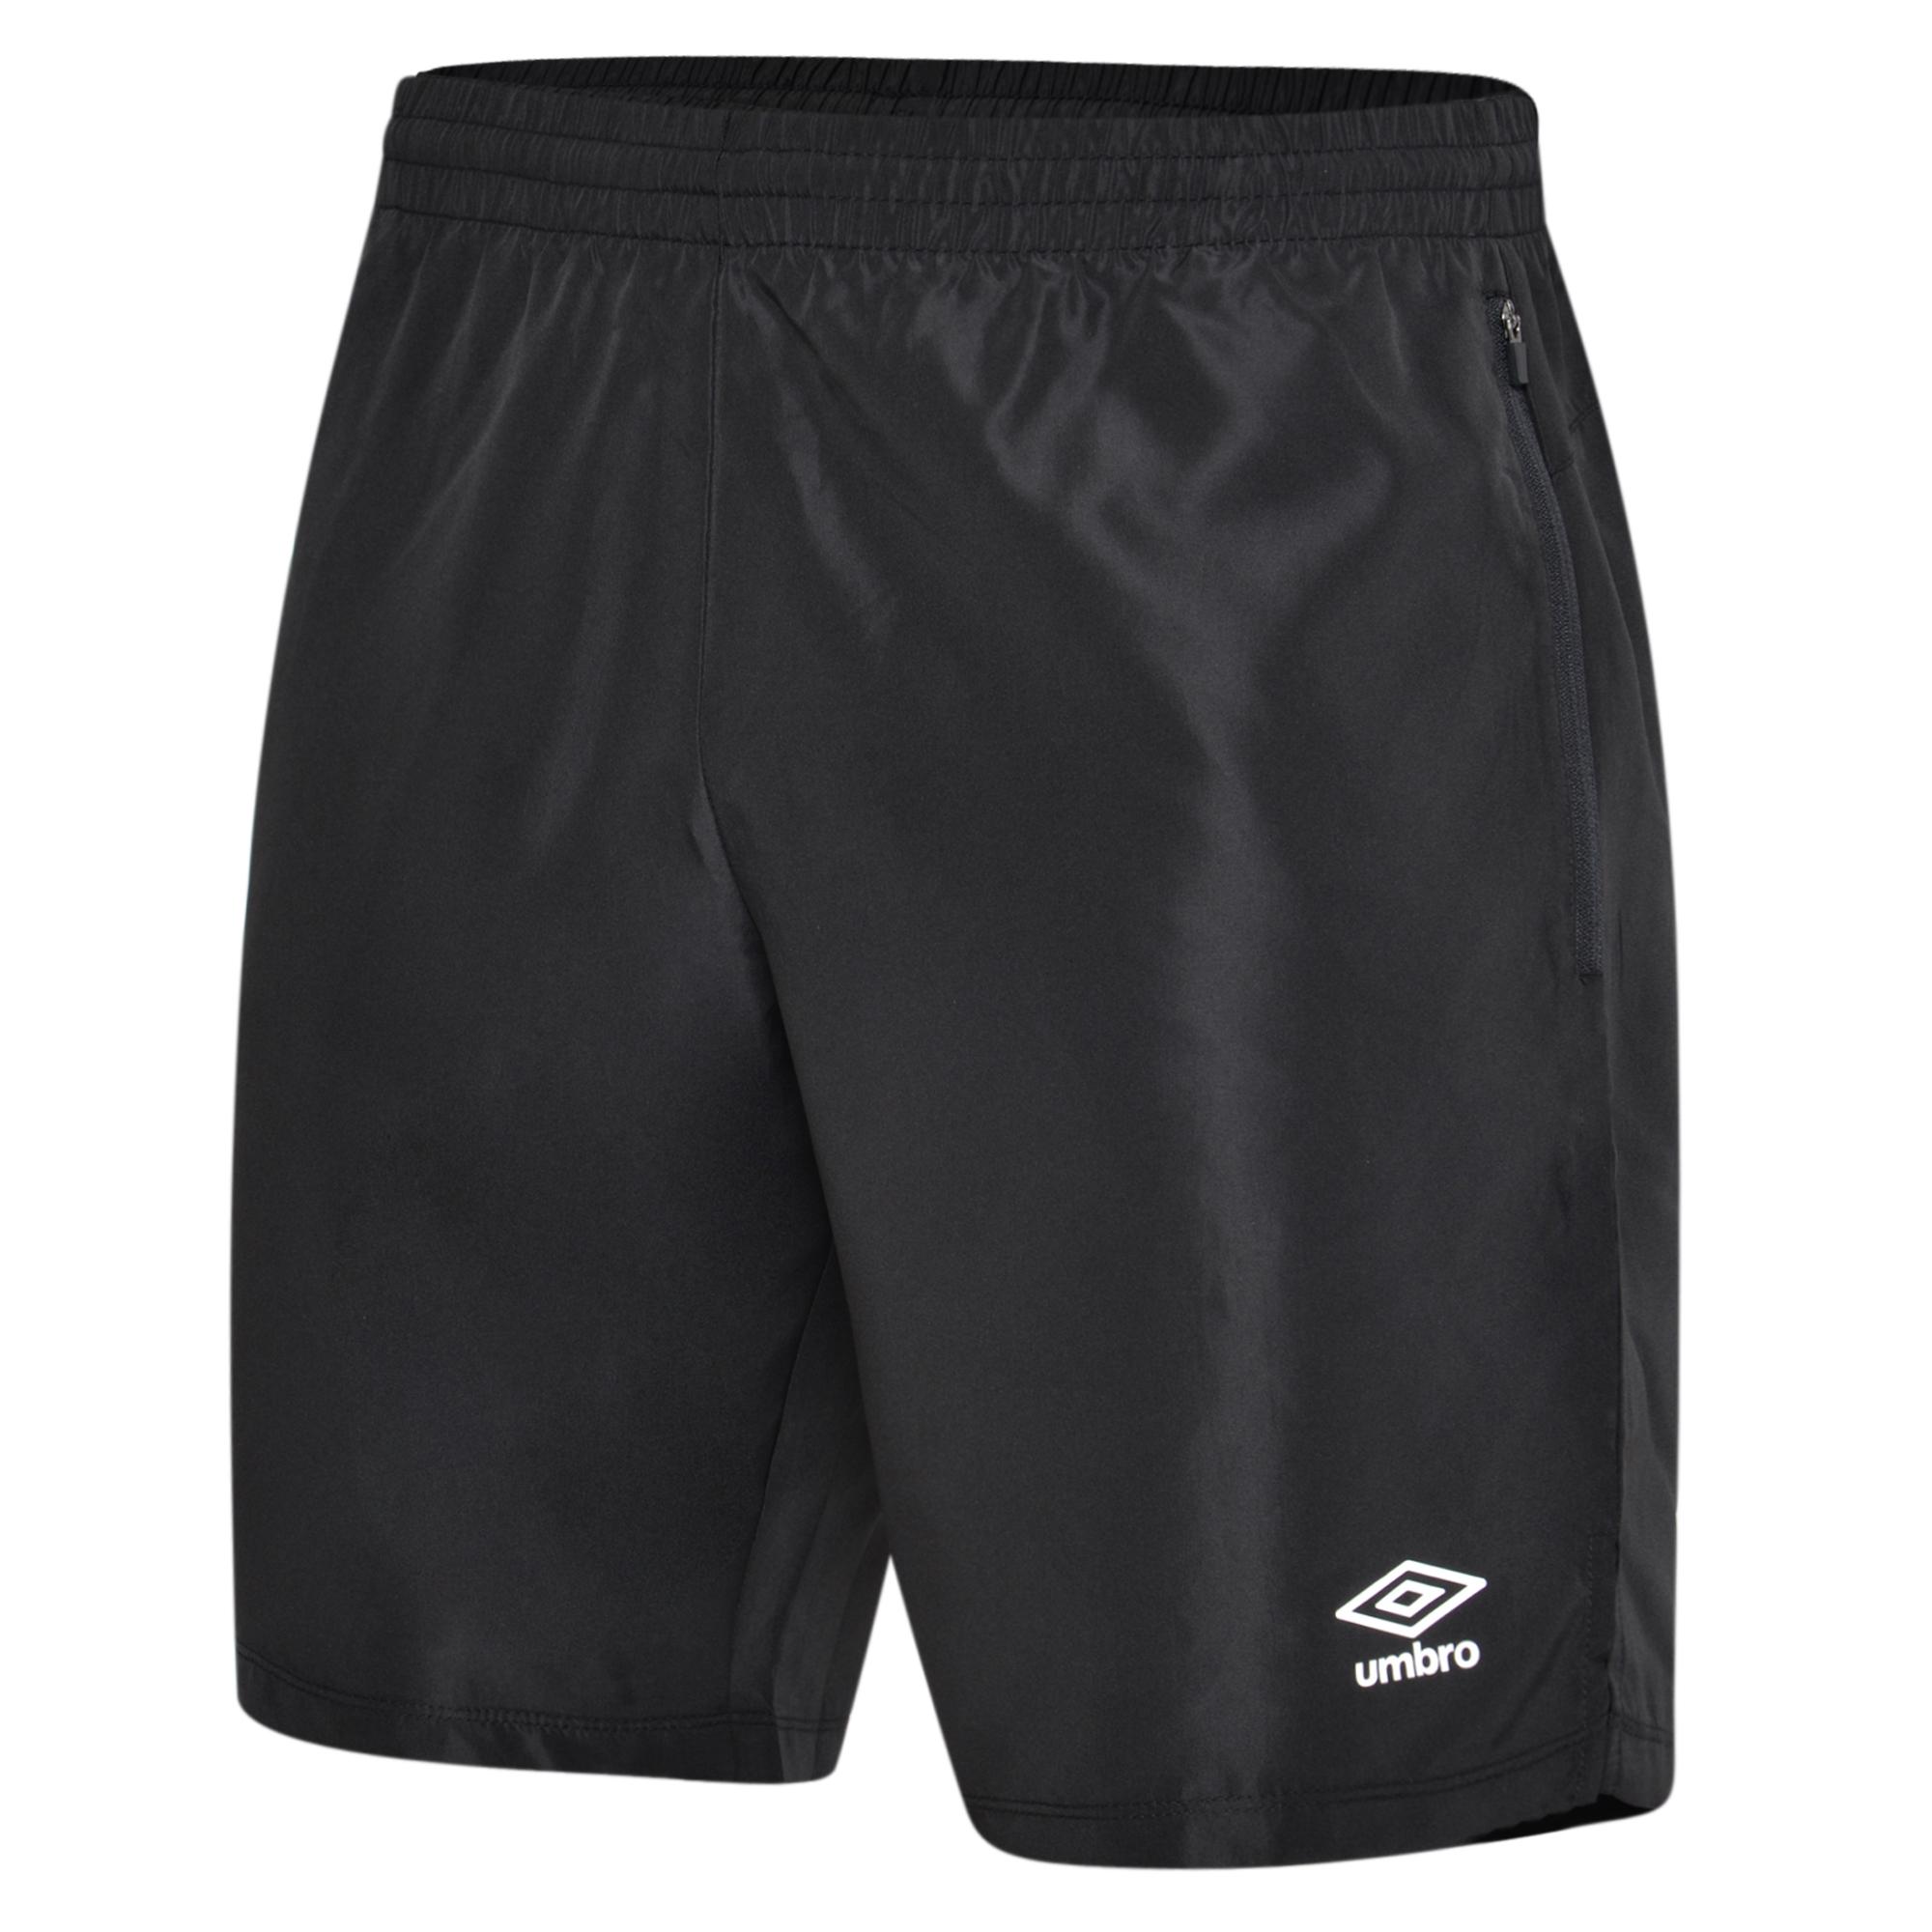 youth umbro shorts